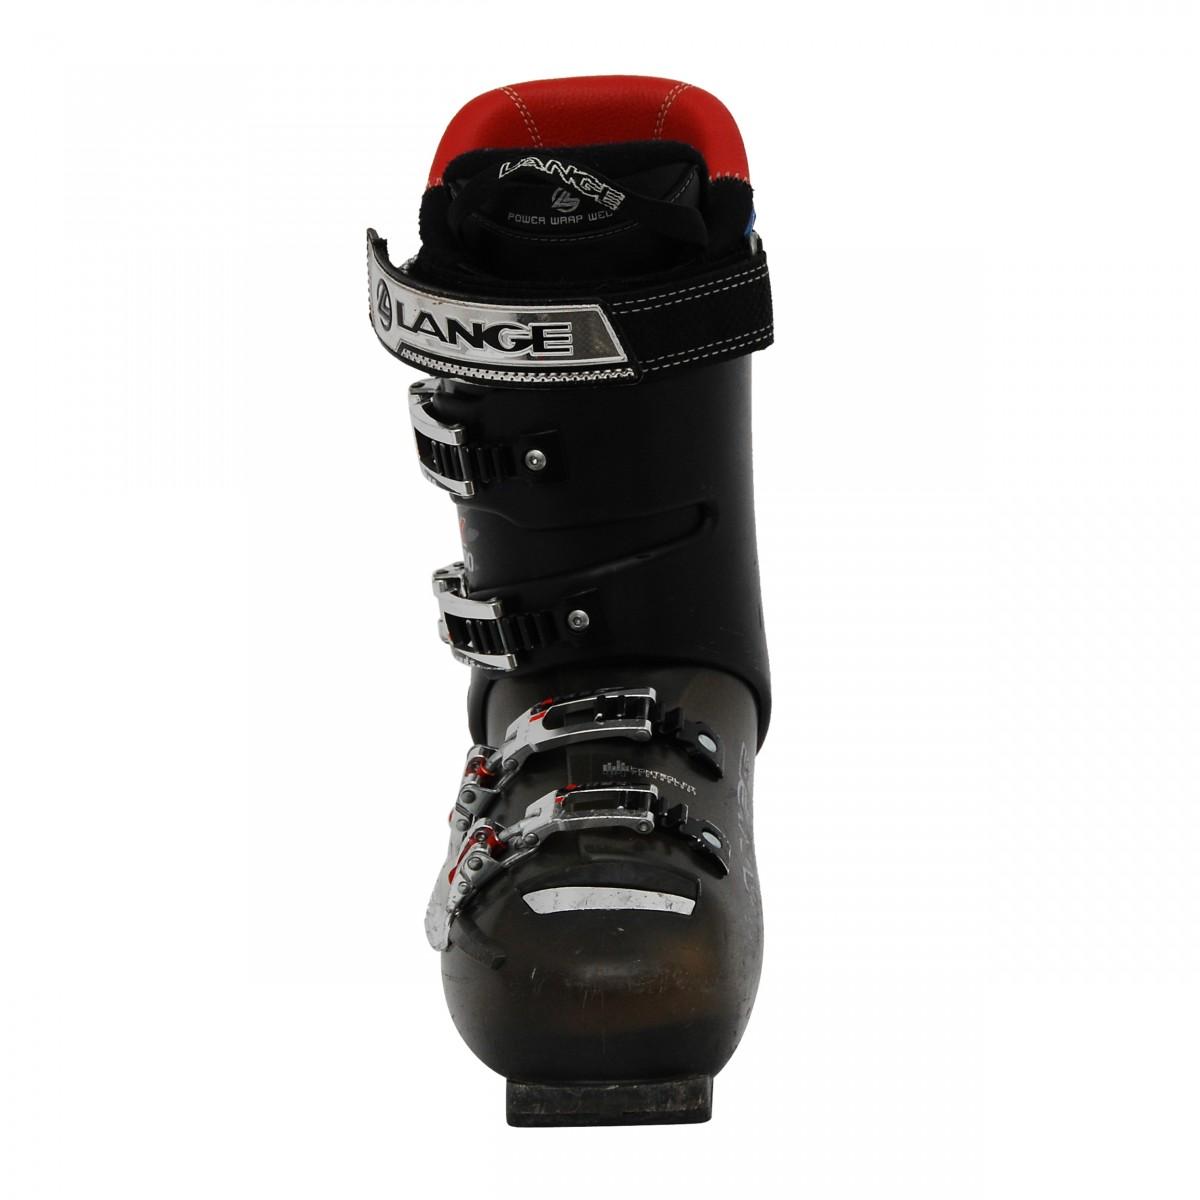 Chaussure-de-ski-occasion-Lange-RX-100-noir miniature 5